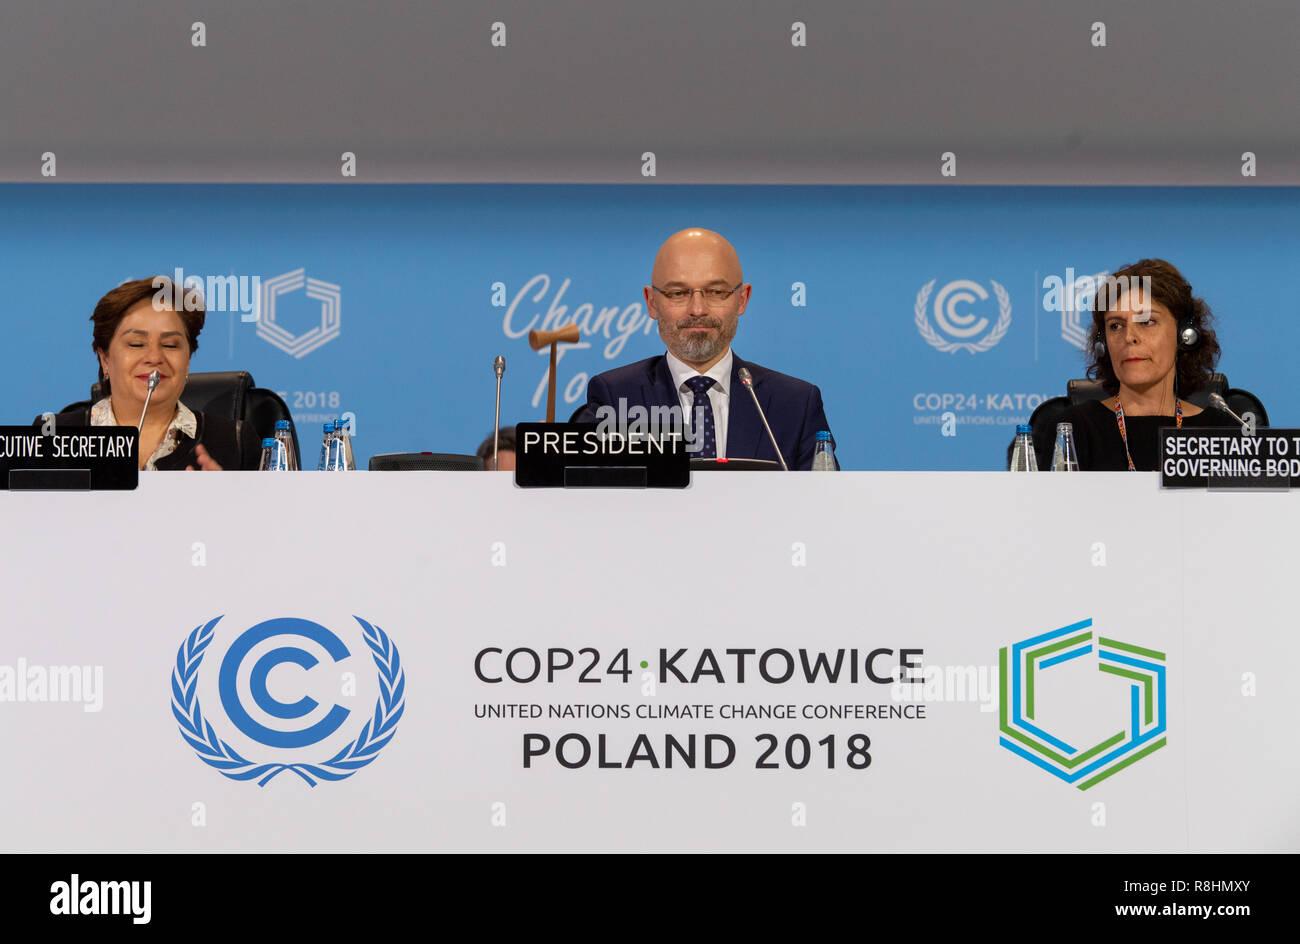 Katowice, Pologne. Le 15 décembre, 2018. Michal Kurtyka (M), Président de la Conférence des Nations Unies sur le Changement Climatique COP24, les phoques le compromis de l'assemblée plénière avec un coup de marteau. L'objectif de cet accord est de limiter le réchauffement à deux degrés bien au-dessous. Credit: Monika Skolimowska/dpa-Zentralbild/dpa/Alamy Live News Photo Stock